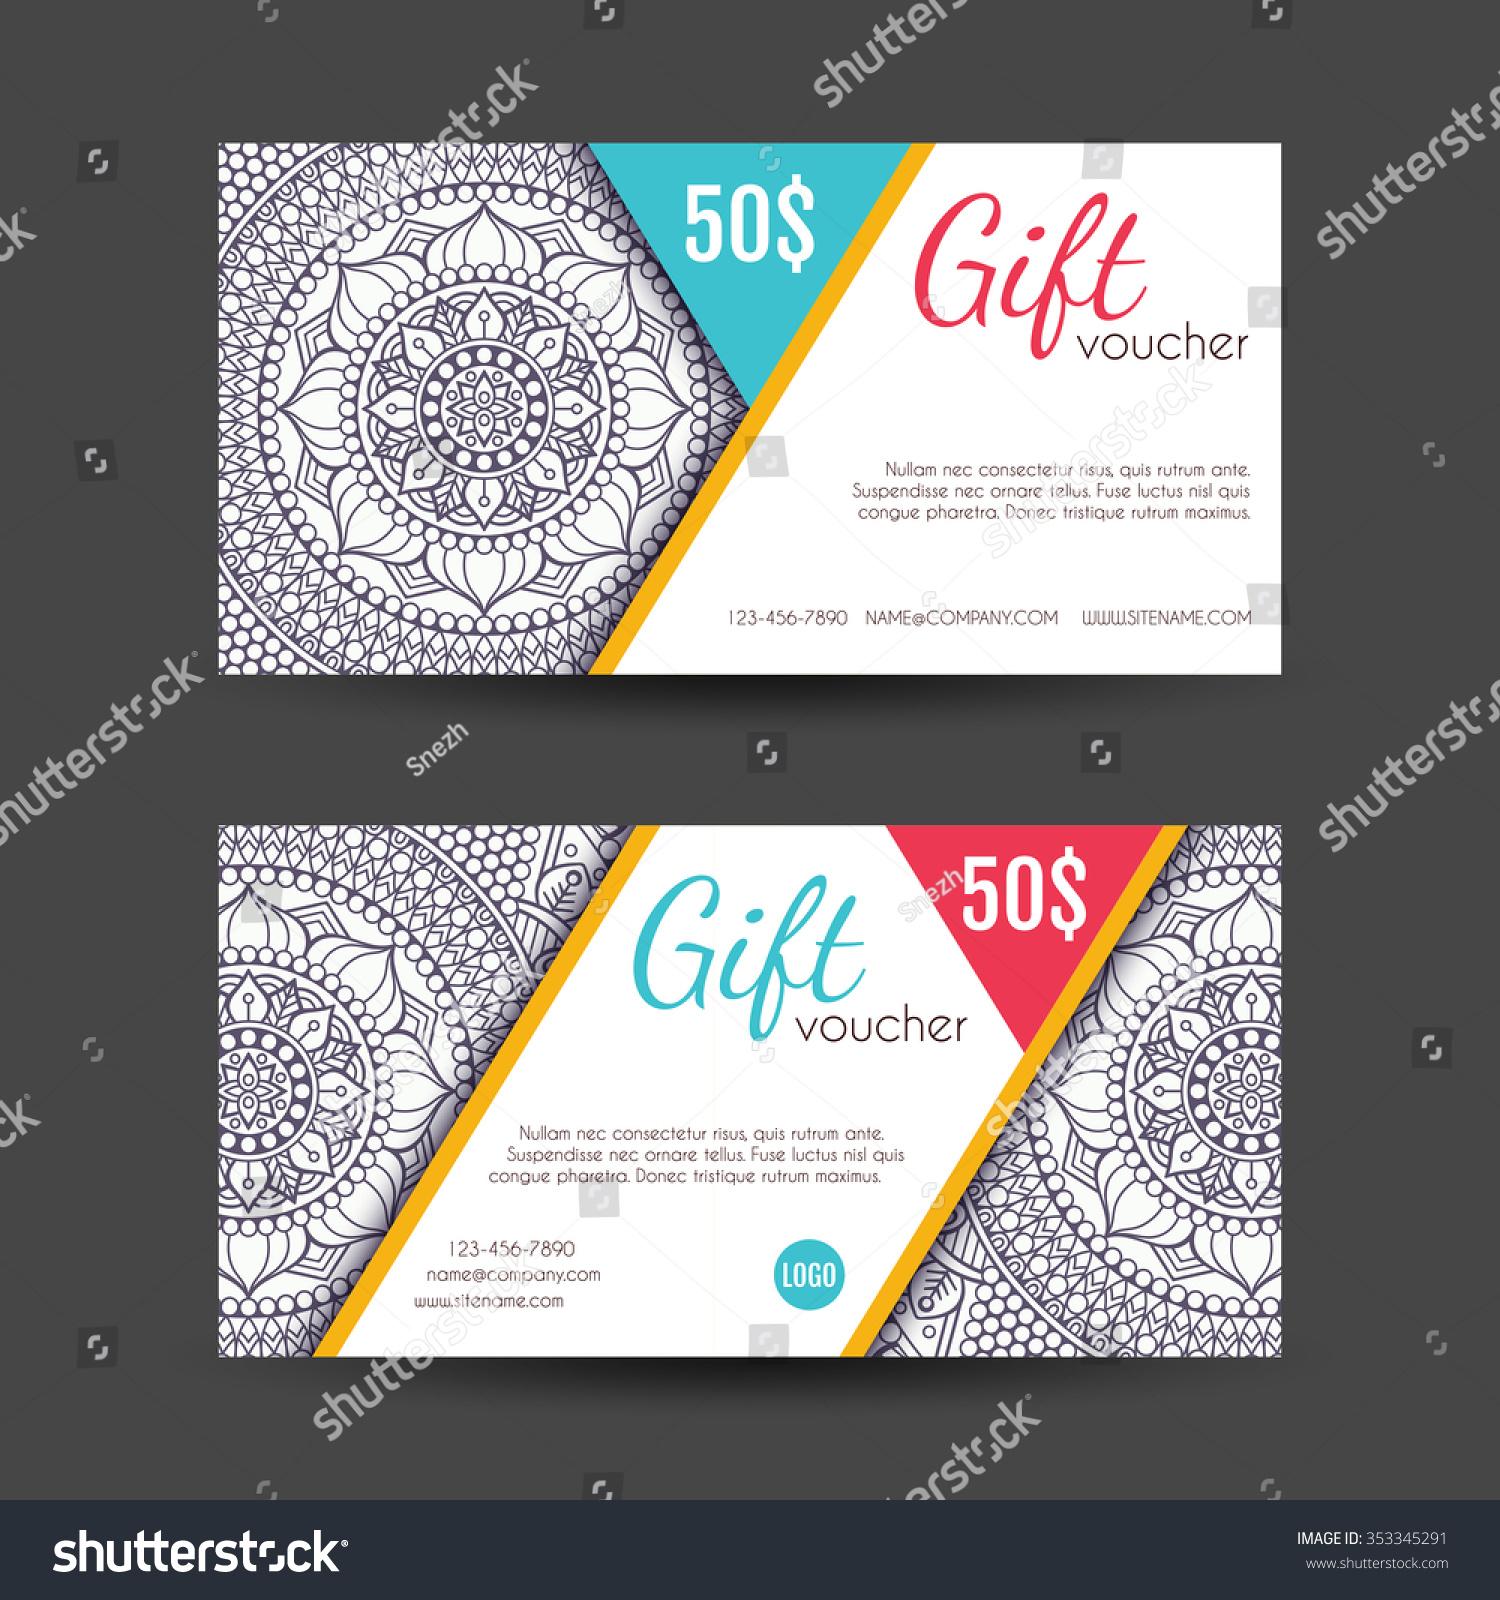 Voucher Business Card Vintage Decorative Elements Stock Vector ...